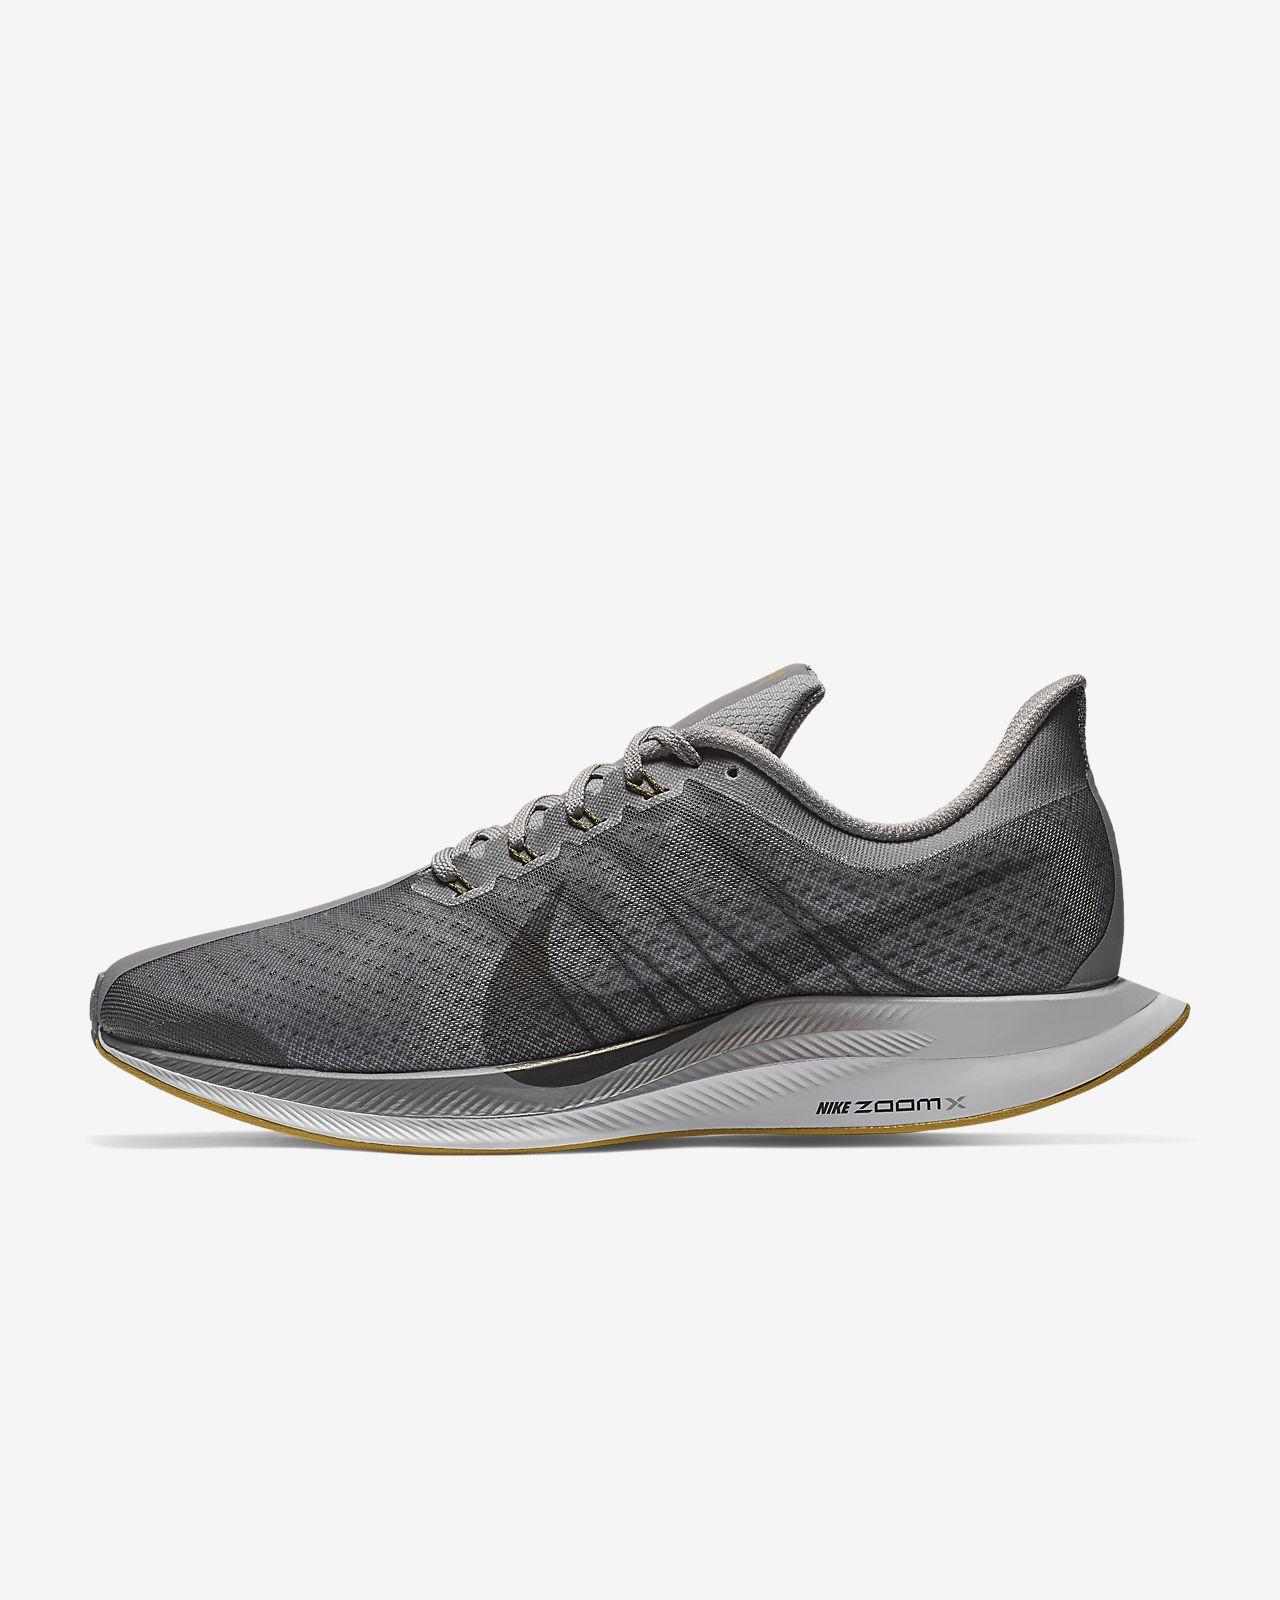 Nike Zoom Pegasus Turbo Zapatillas de running - Hombre